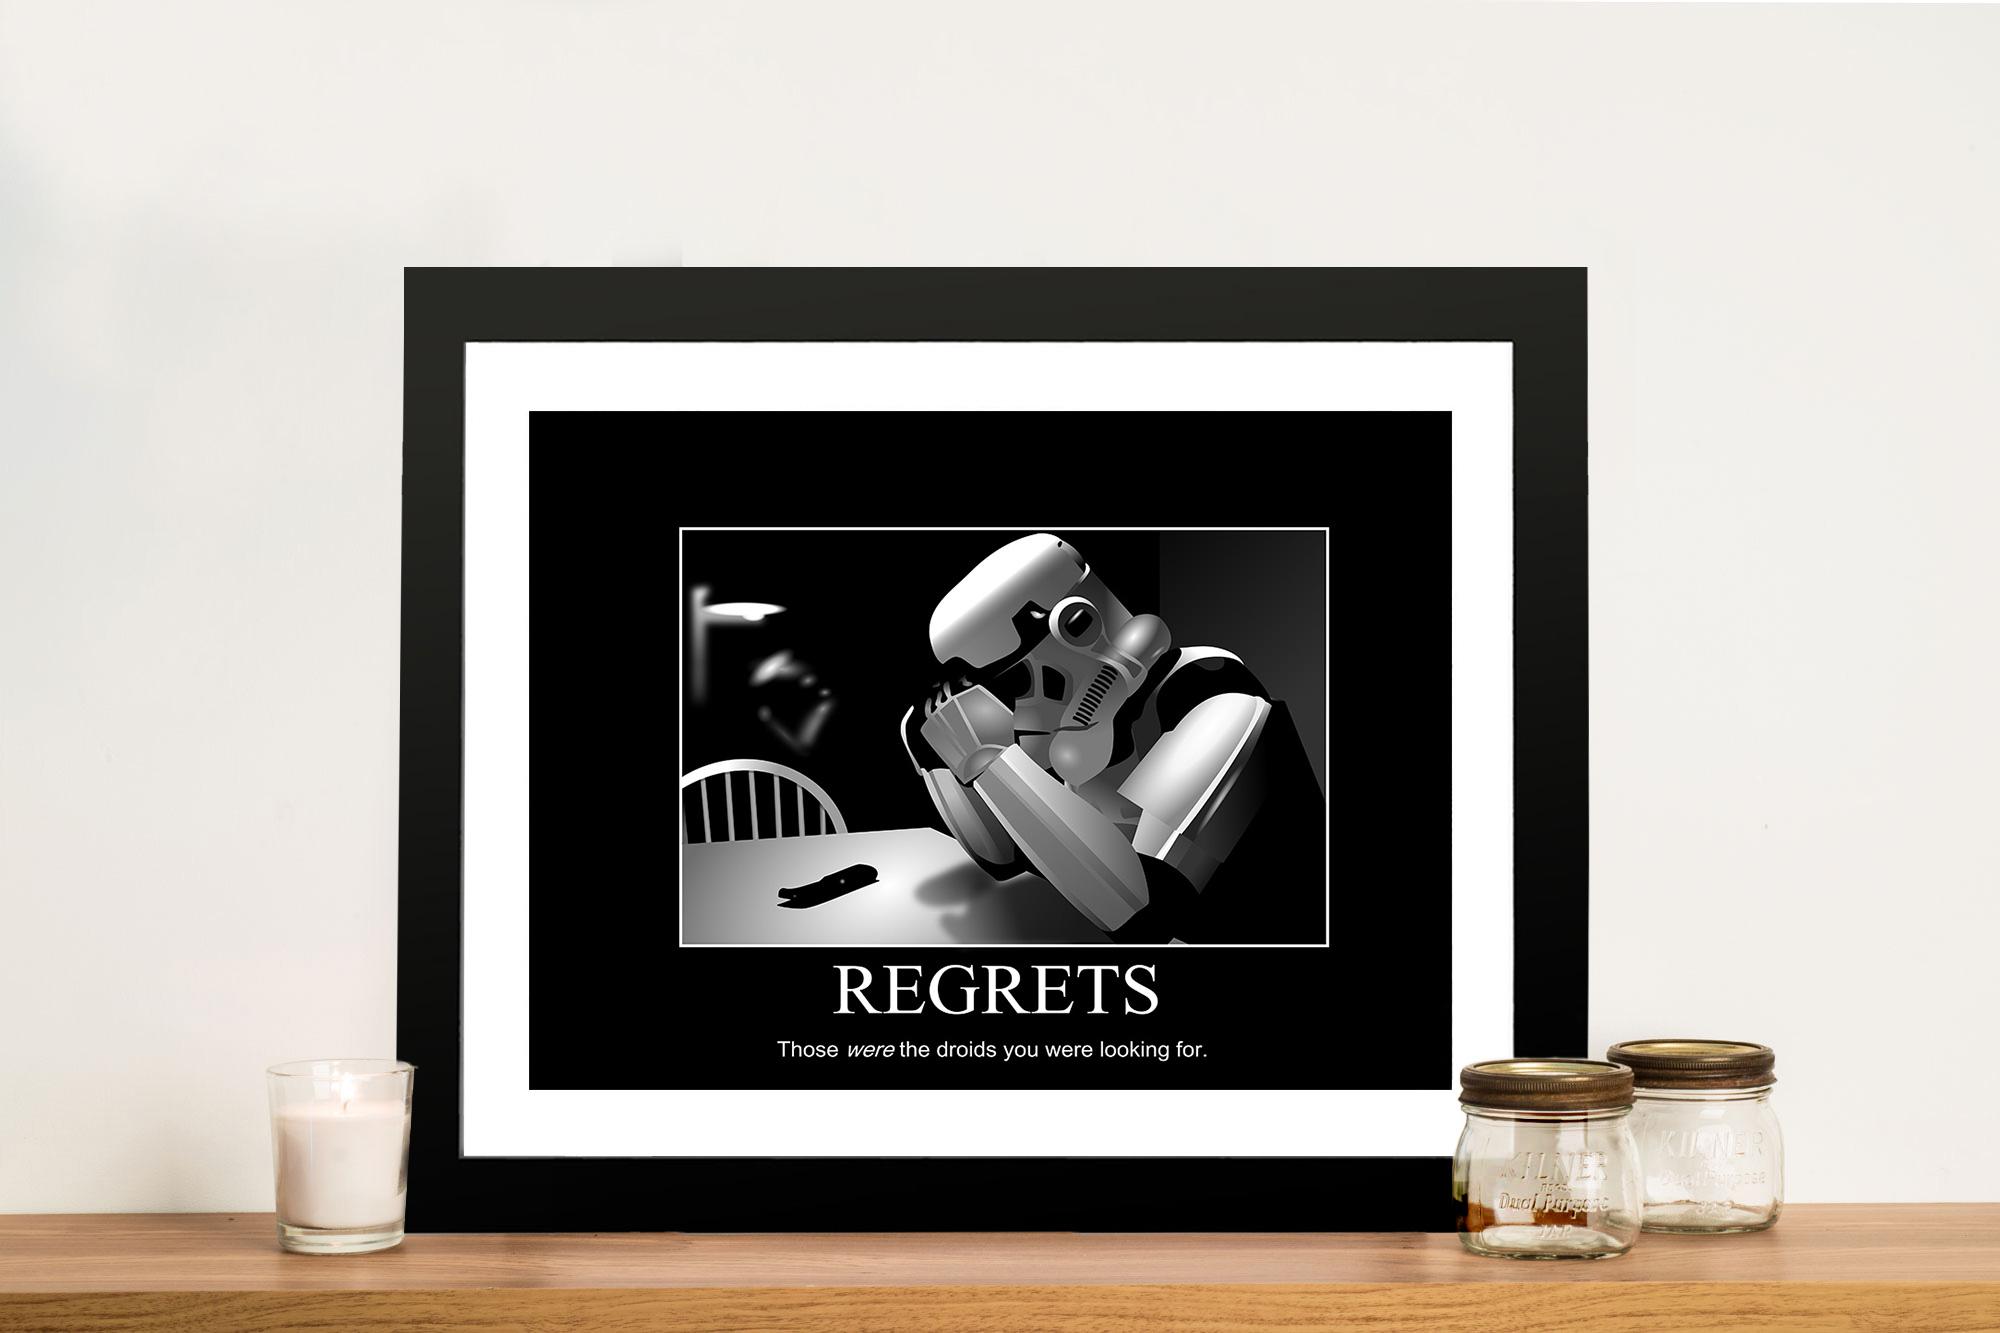 Storm Troopers Regrets Motivational Poster Artworks